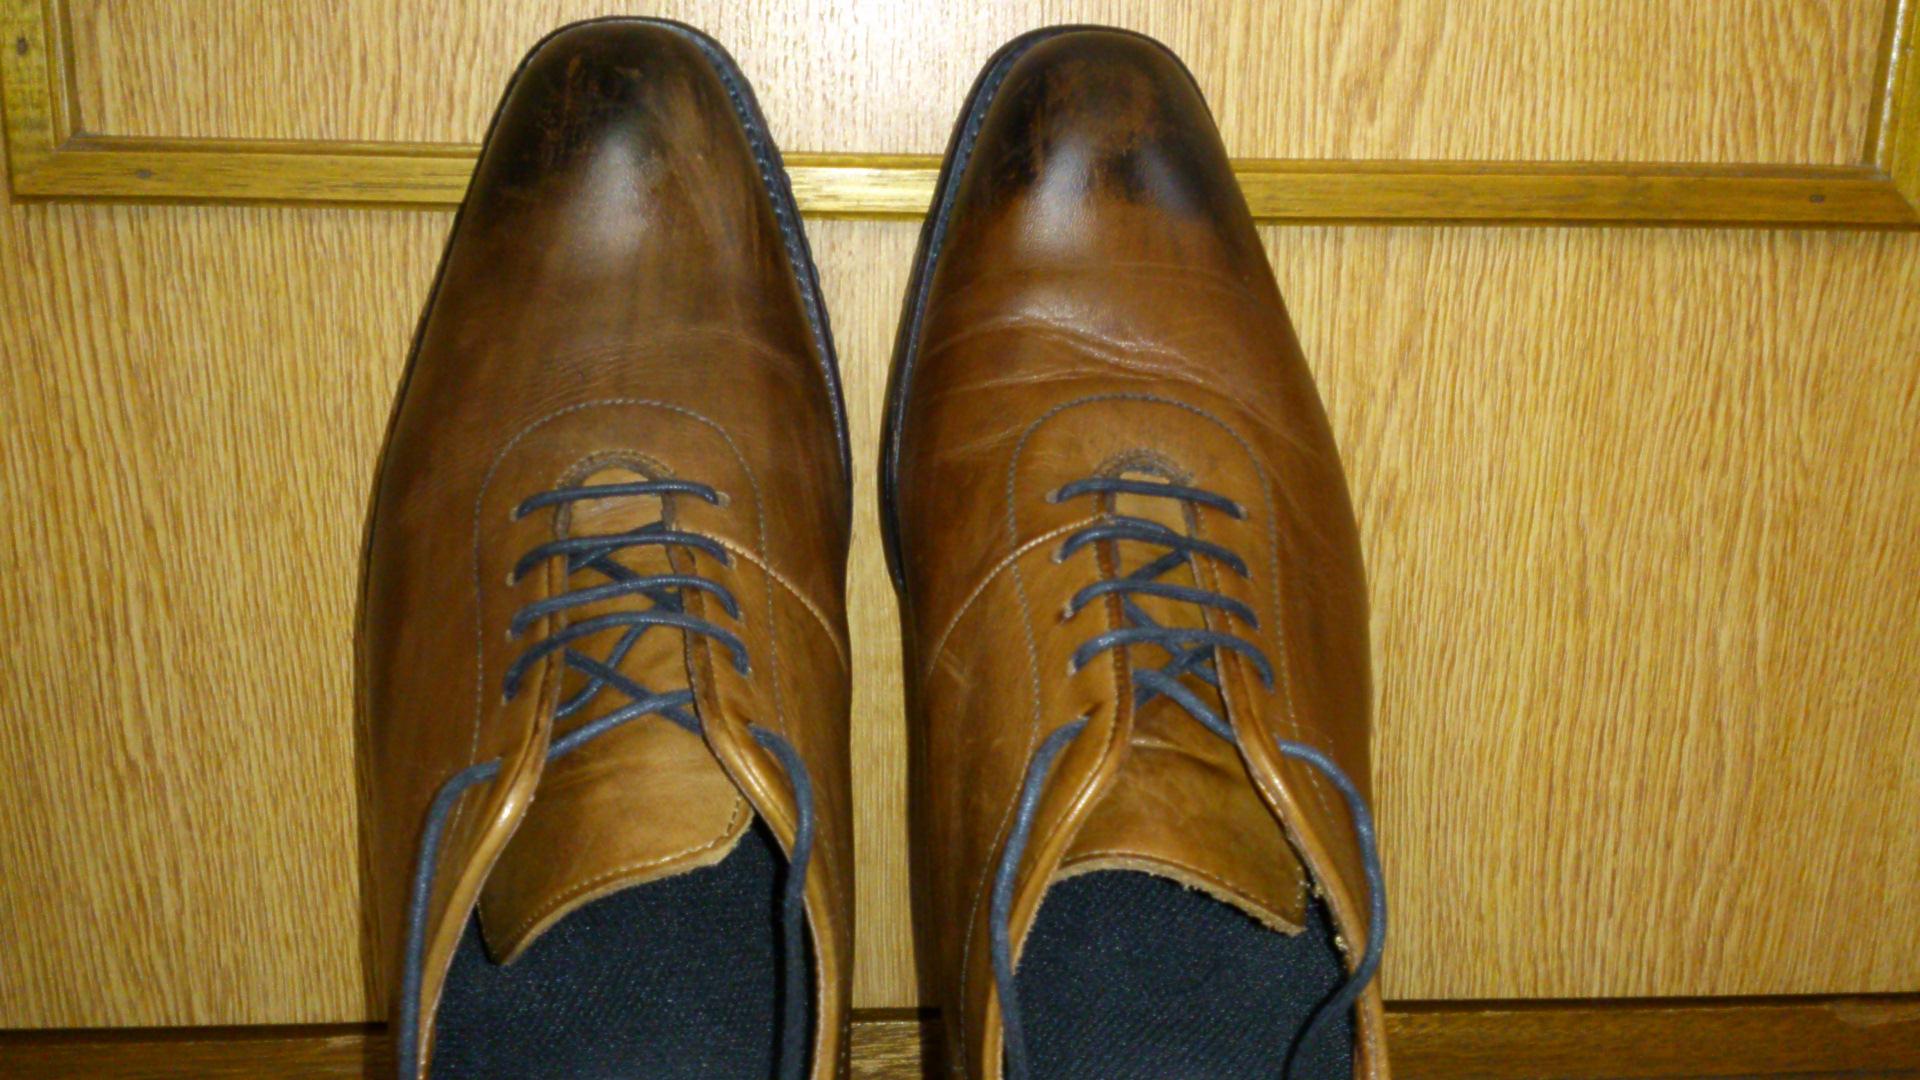 革靴の皺に愛着を!あなたの足に合わせてくれたのです!